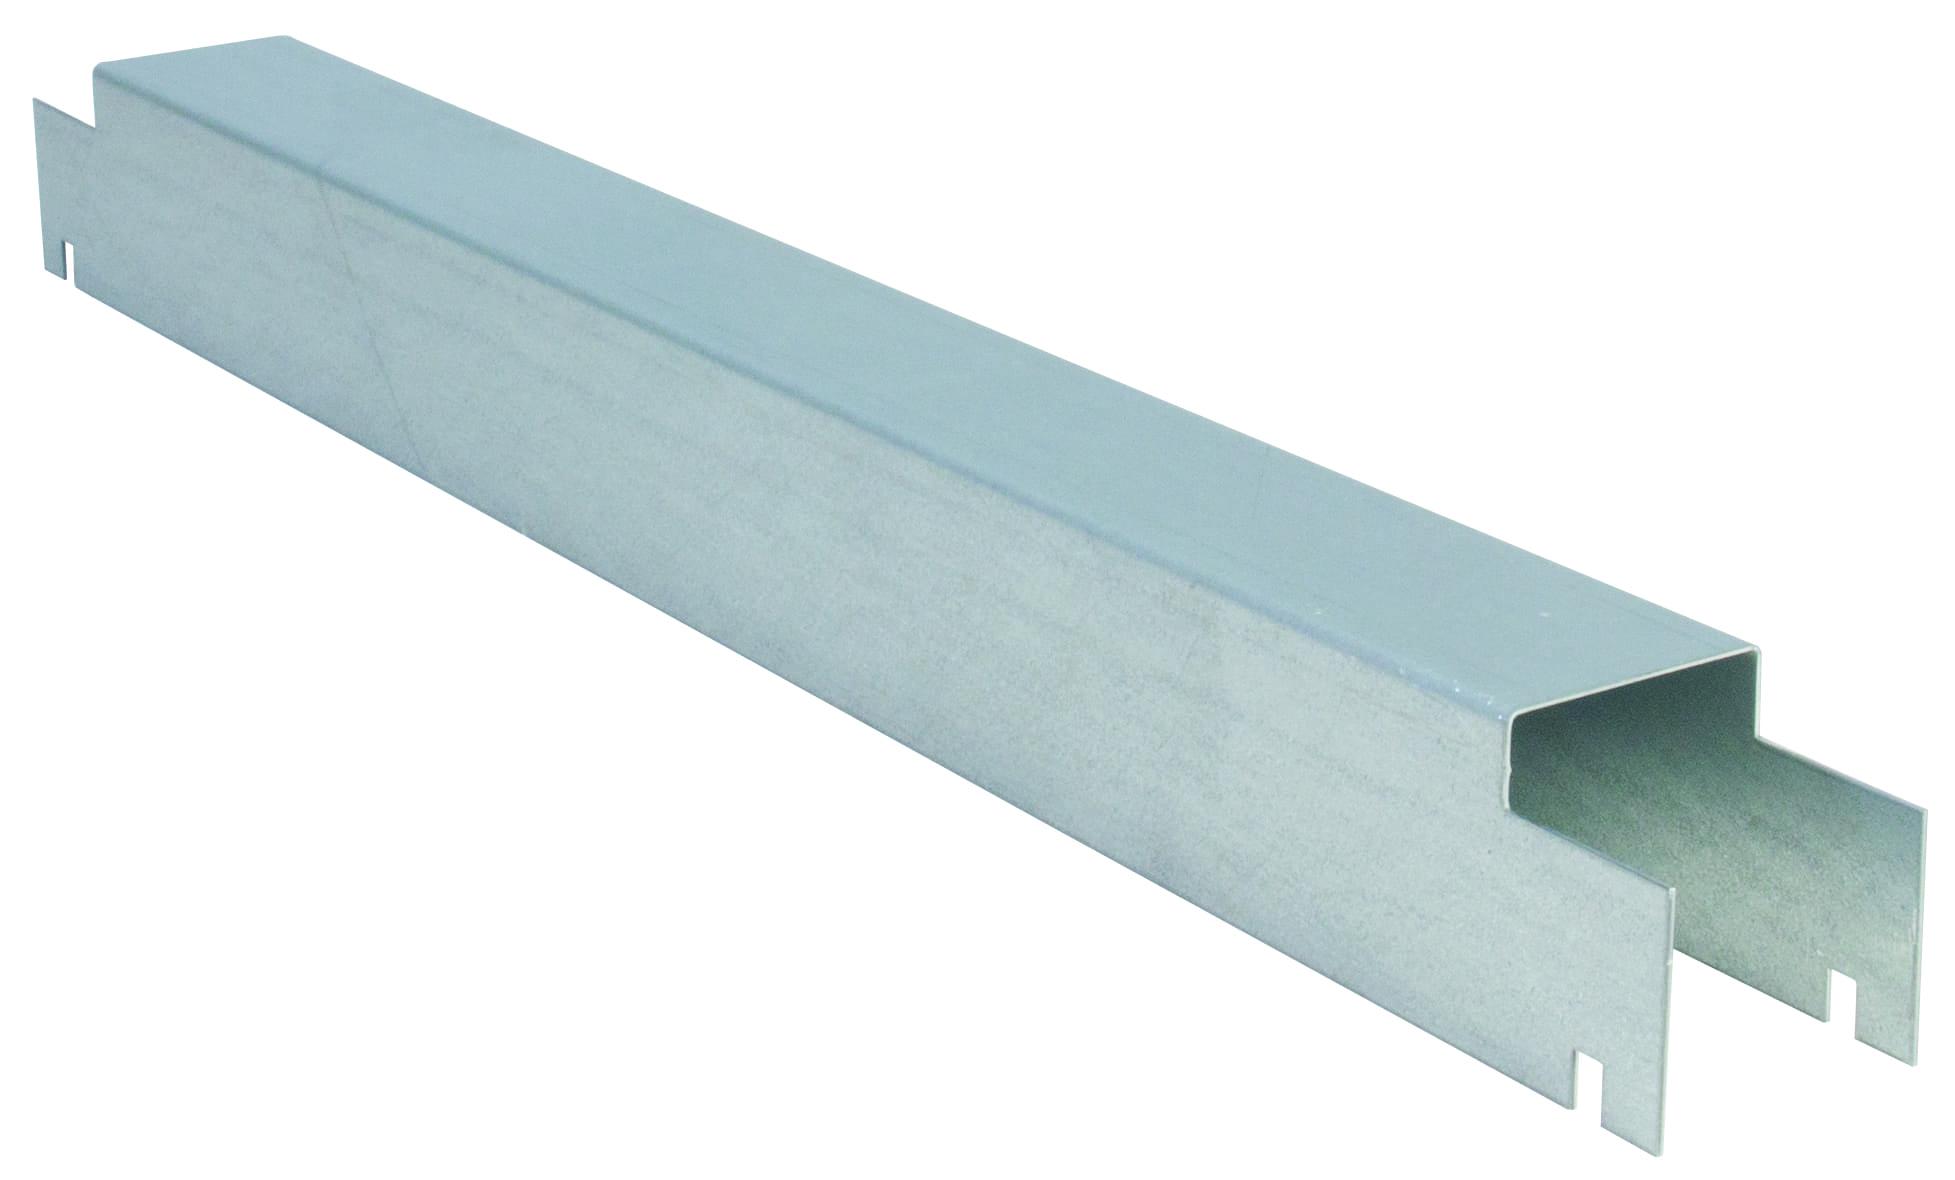 WS 3000 Unterzug 975 mm – für Regaltiefe 1000 mm